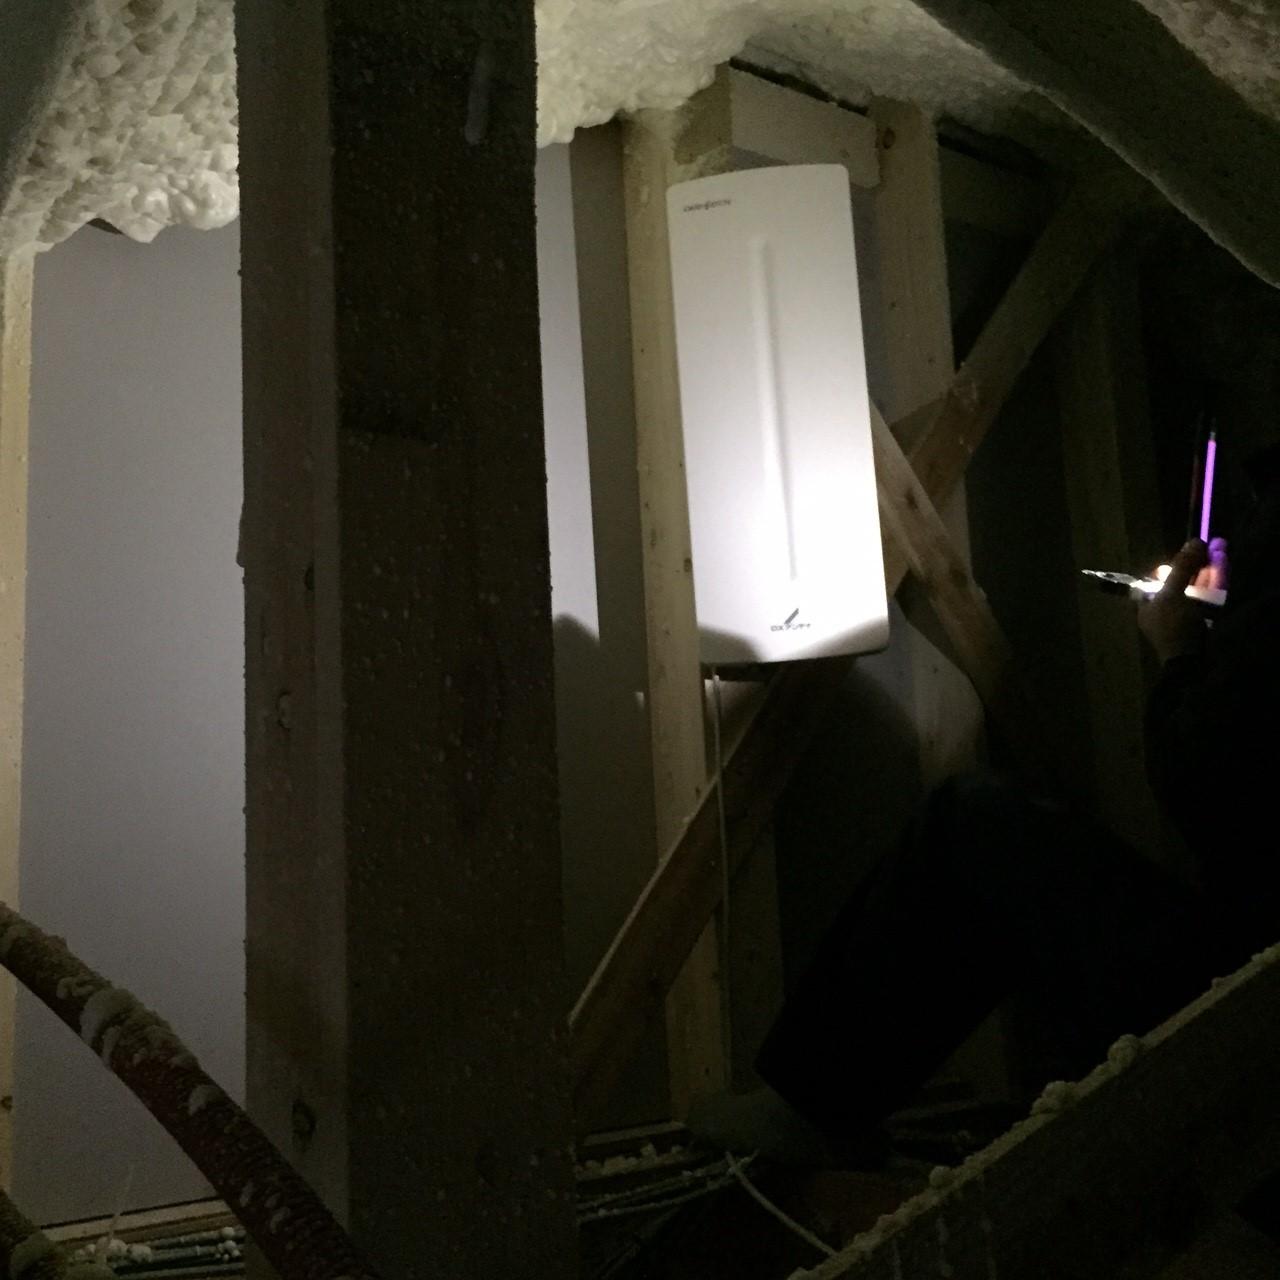 神奈川県大和市の屋根裏設置デザインアンテナ工事事例